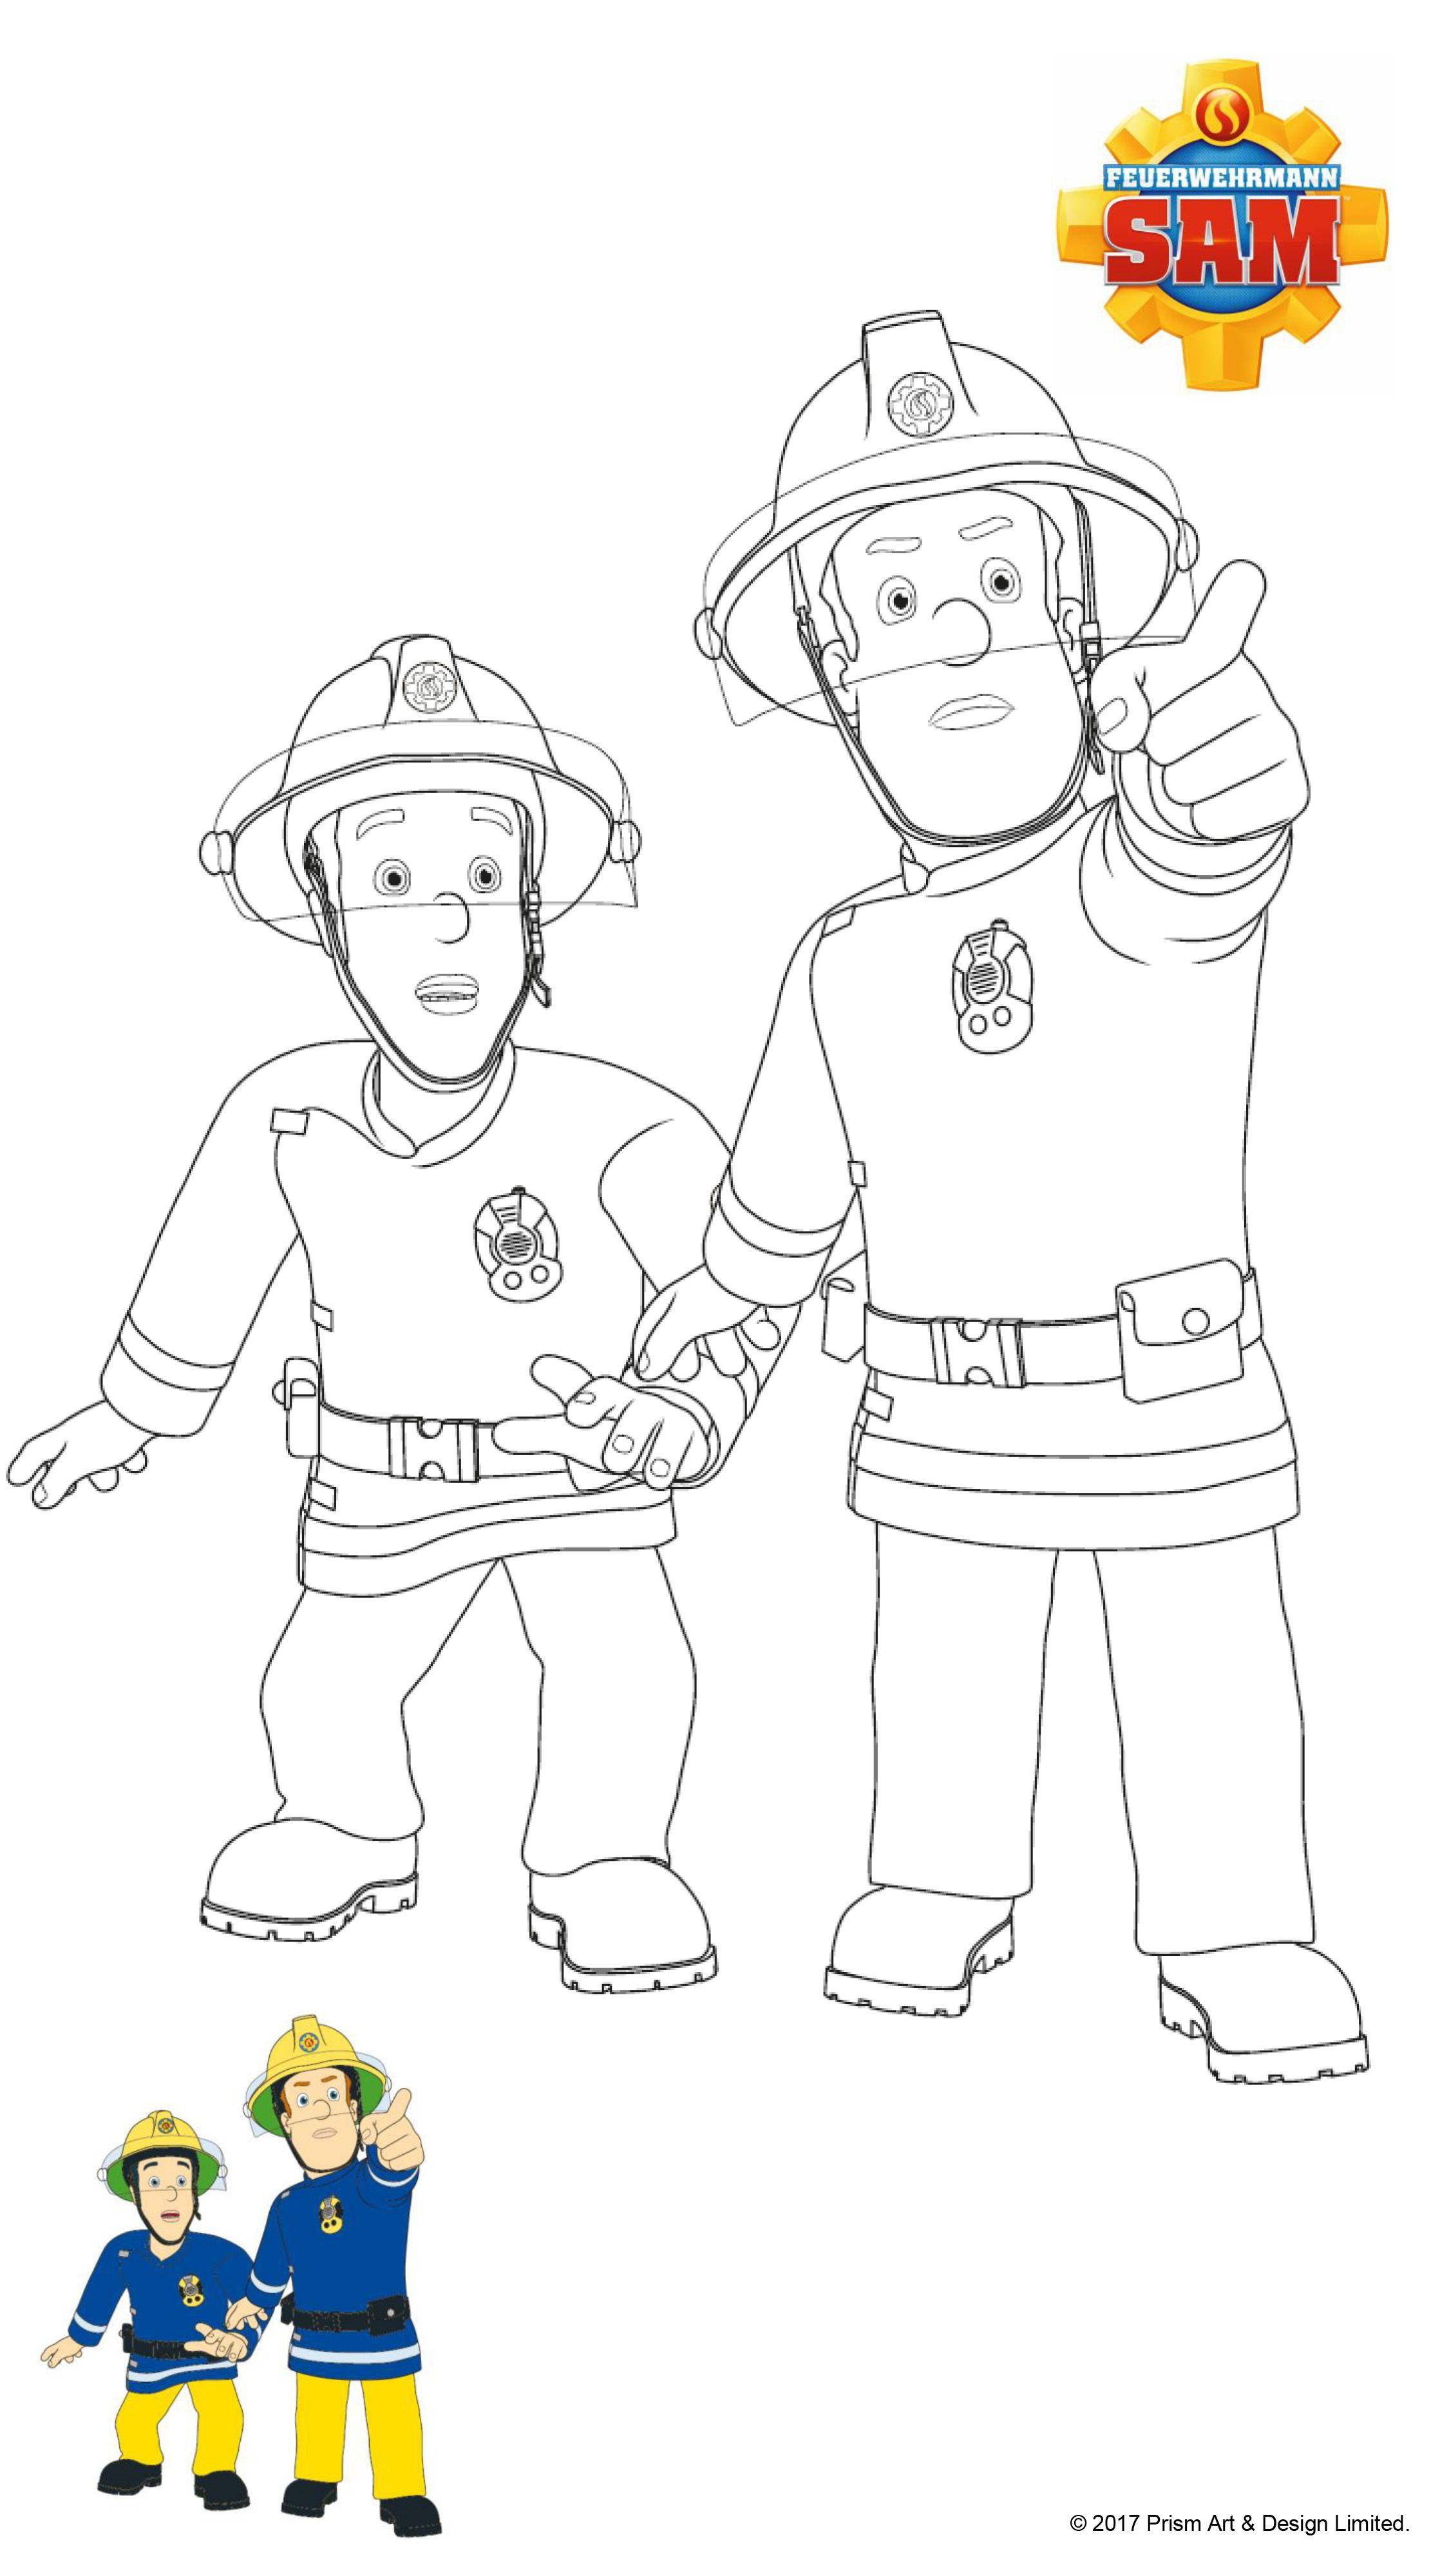 Feuerwehrmann Sam Ausmalbilder - Sam im Einsatz